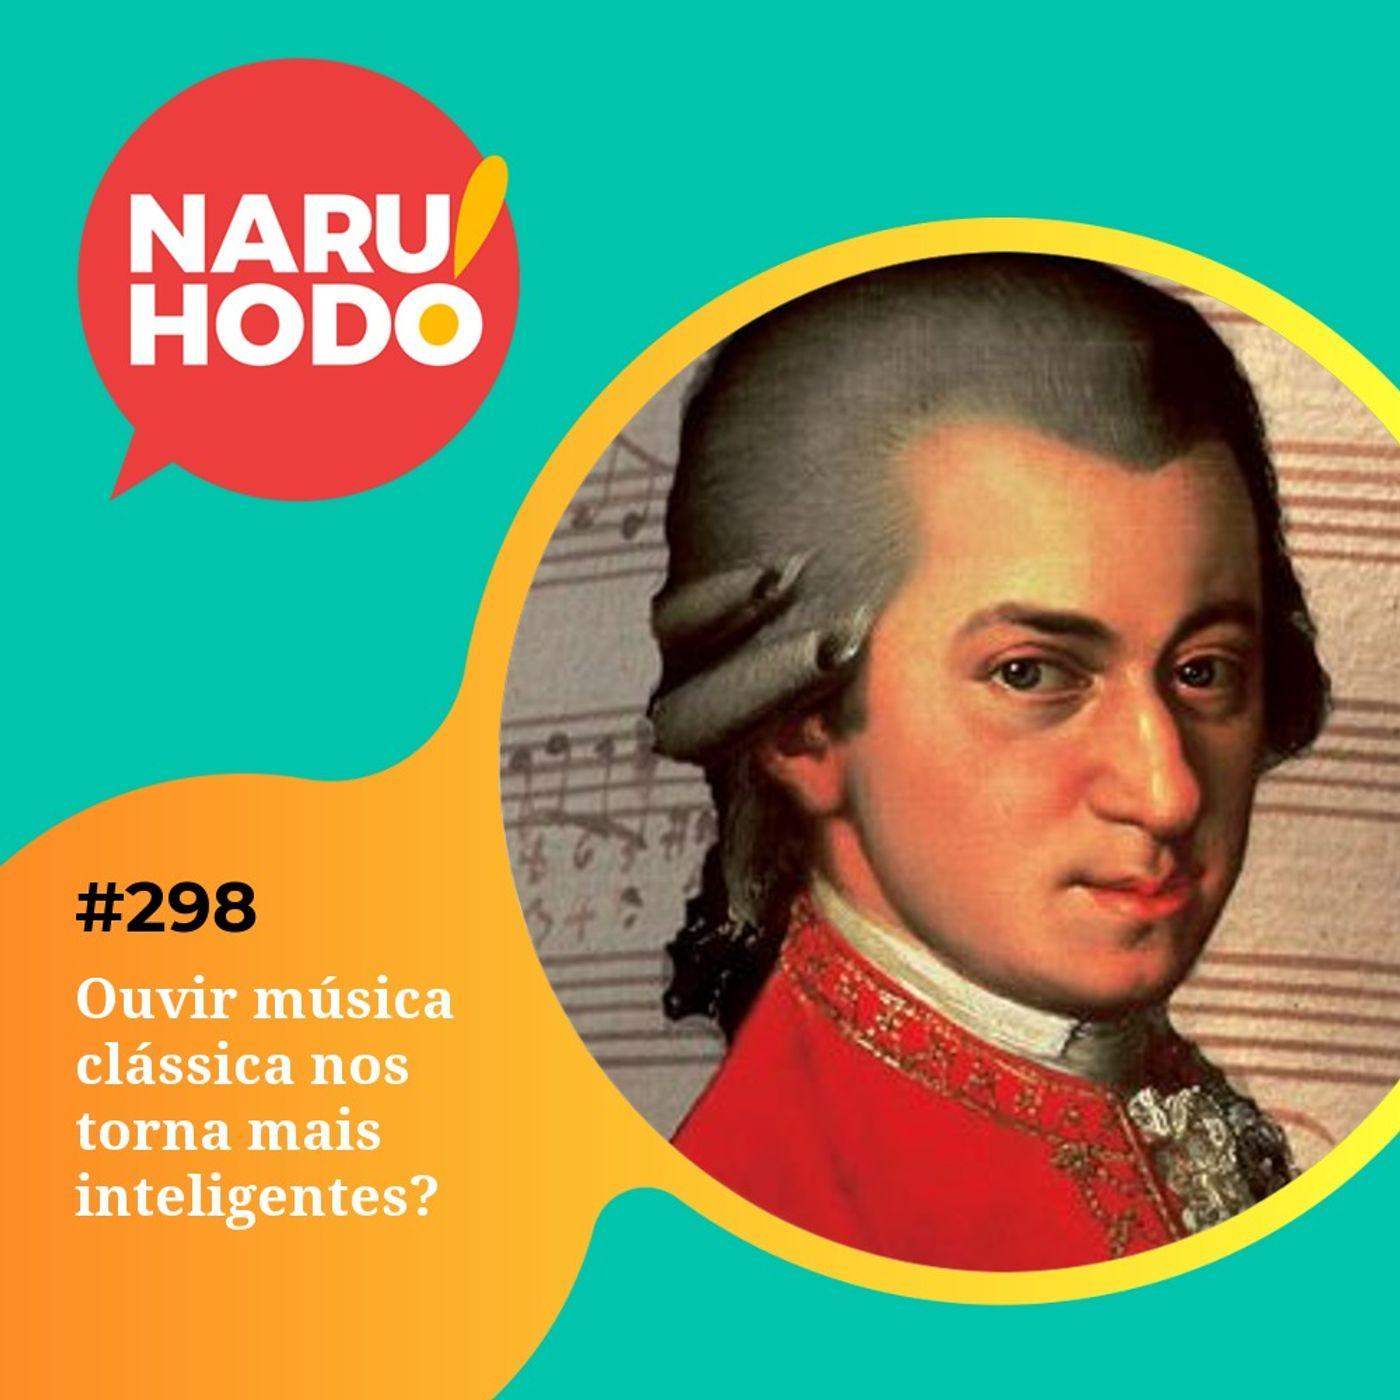 Naruhodo #298 - Ouvir música clássica nos torna mais inteligentes?